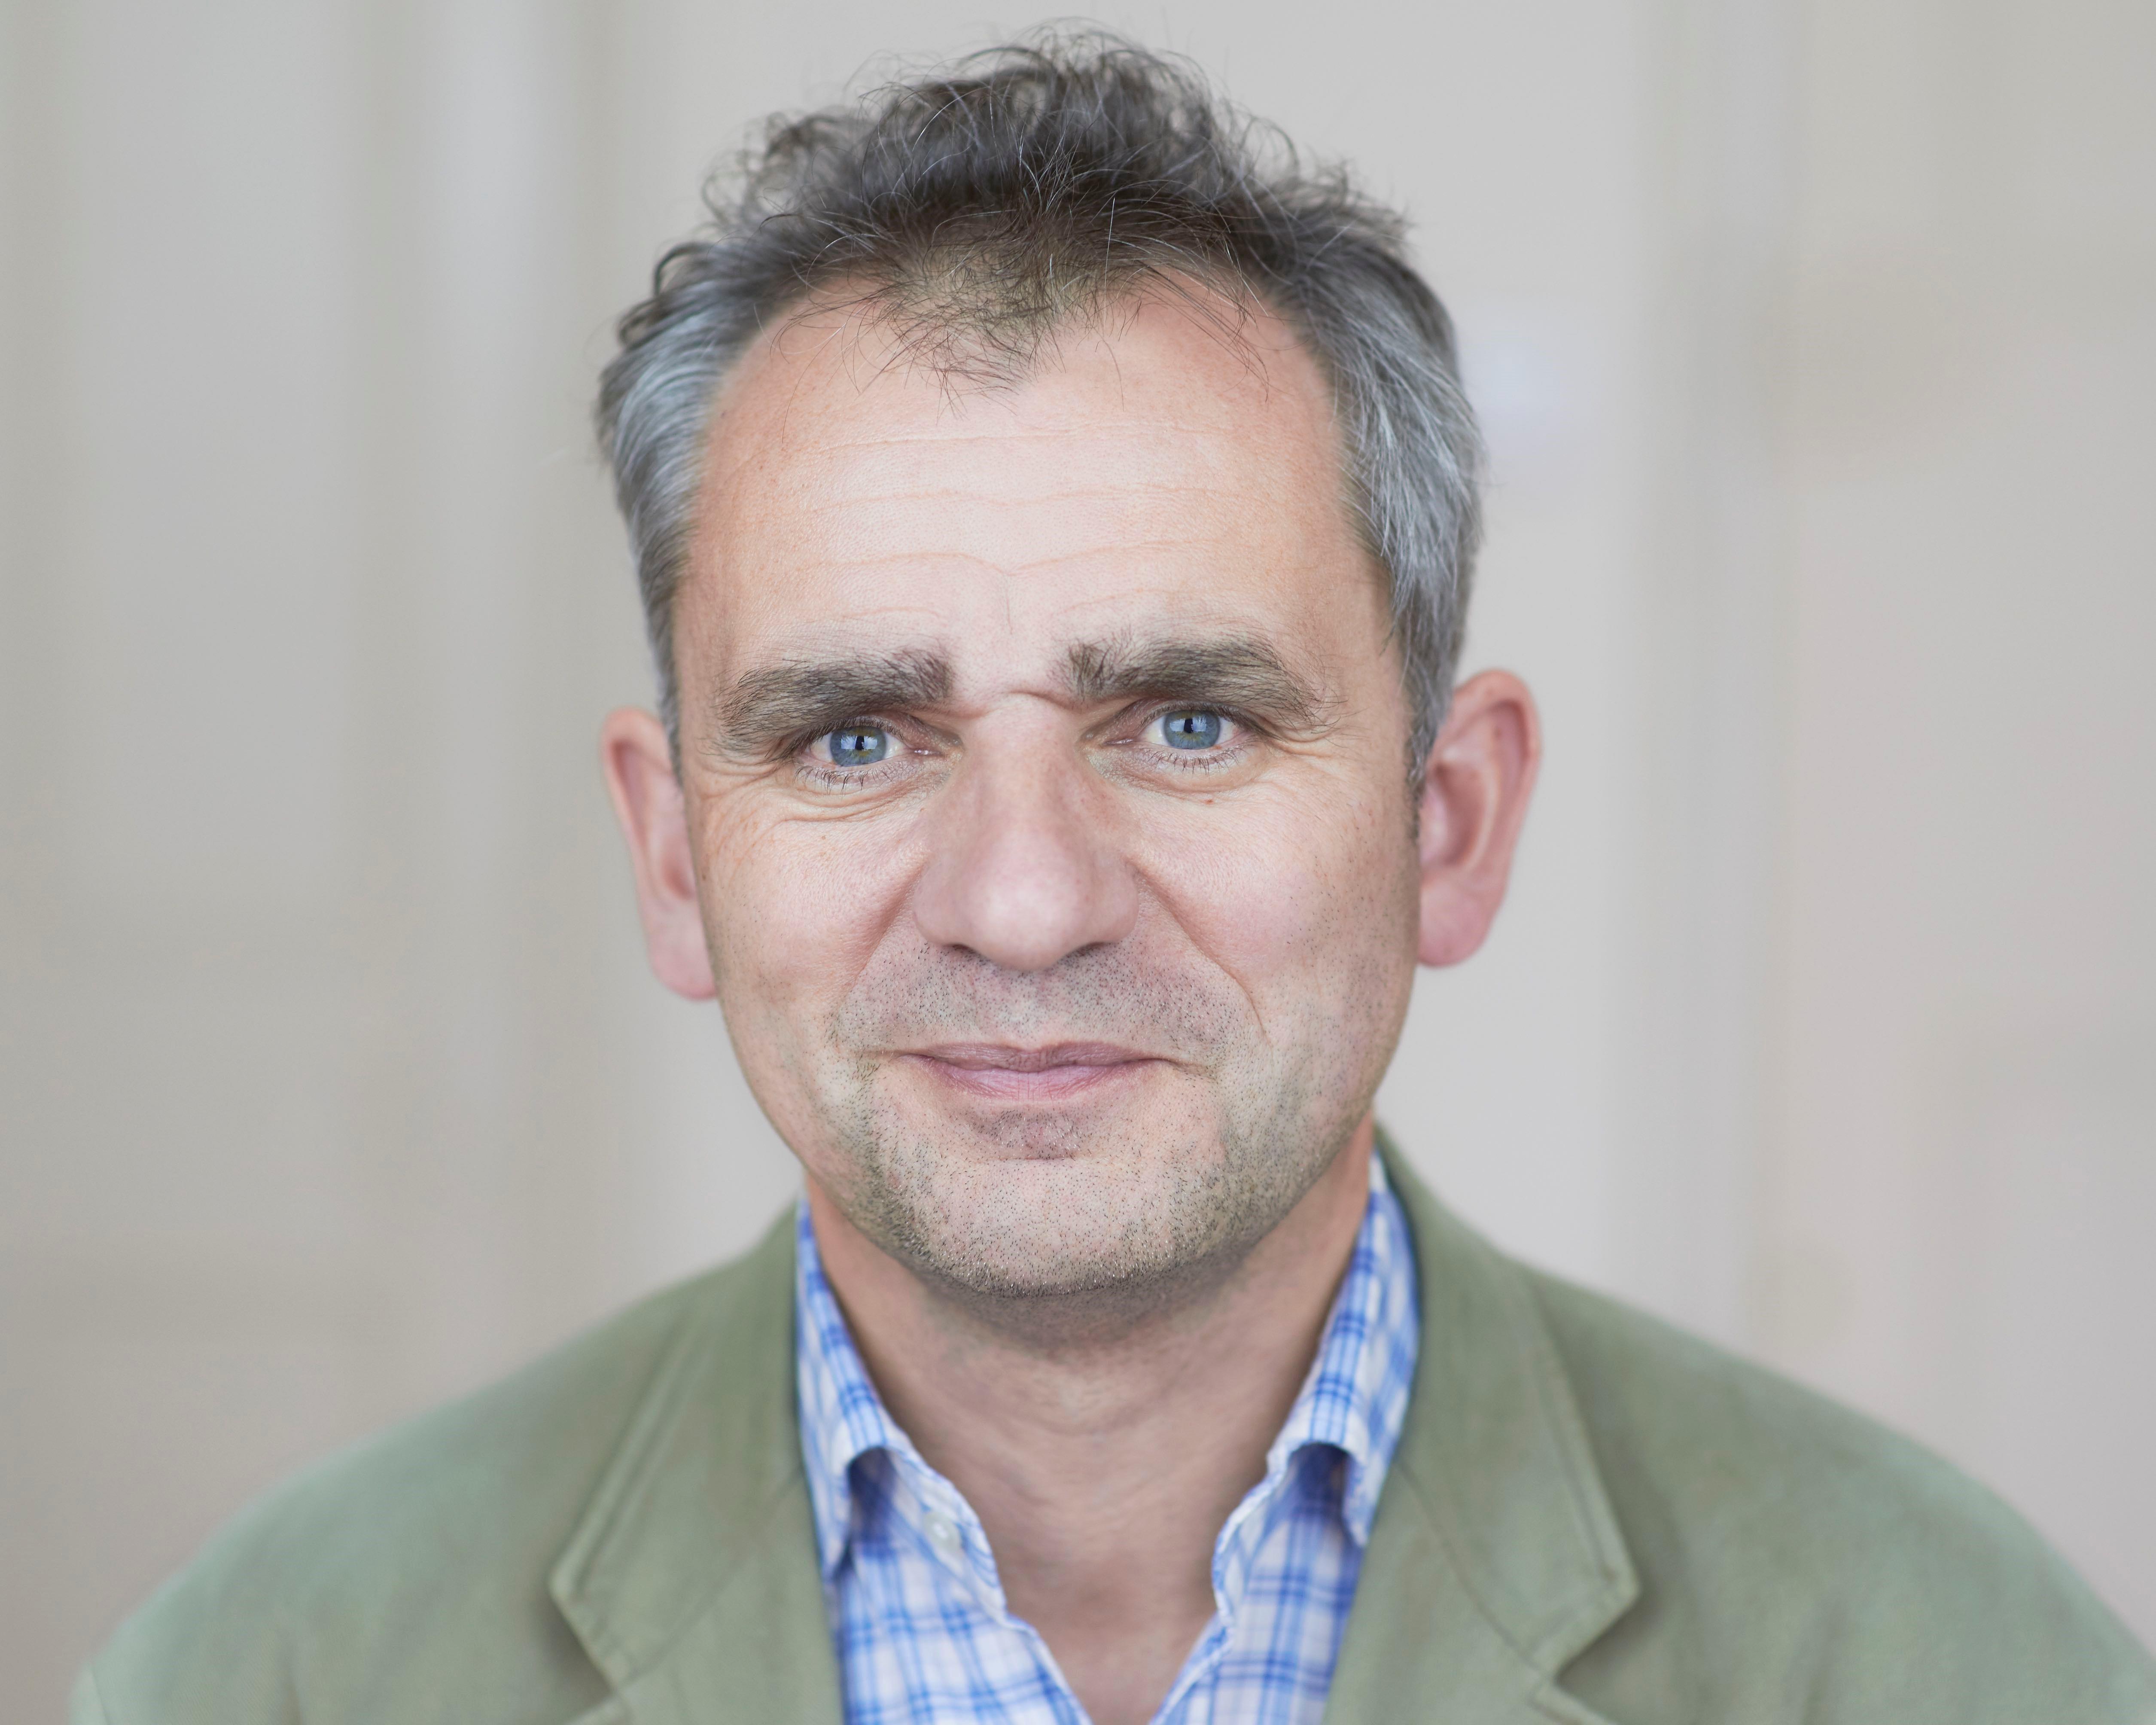 Johnathan Sunley